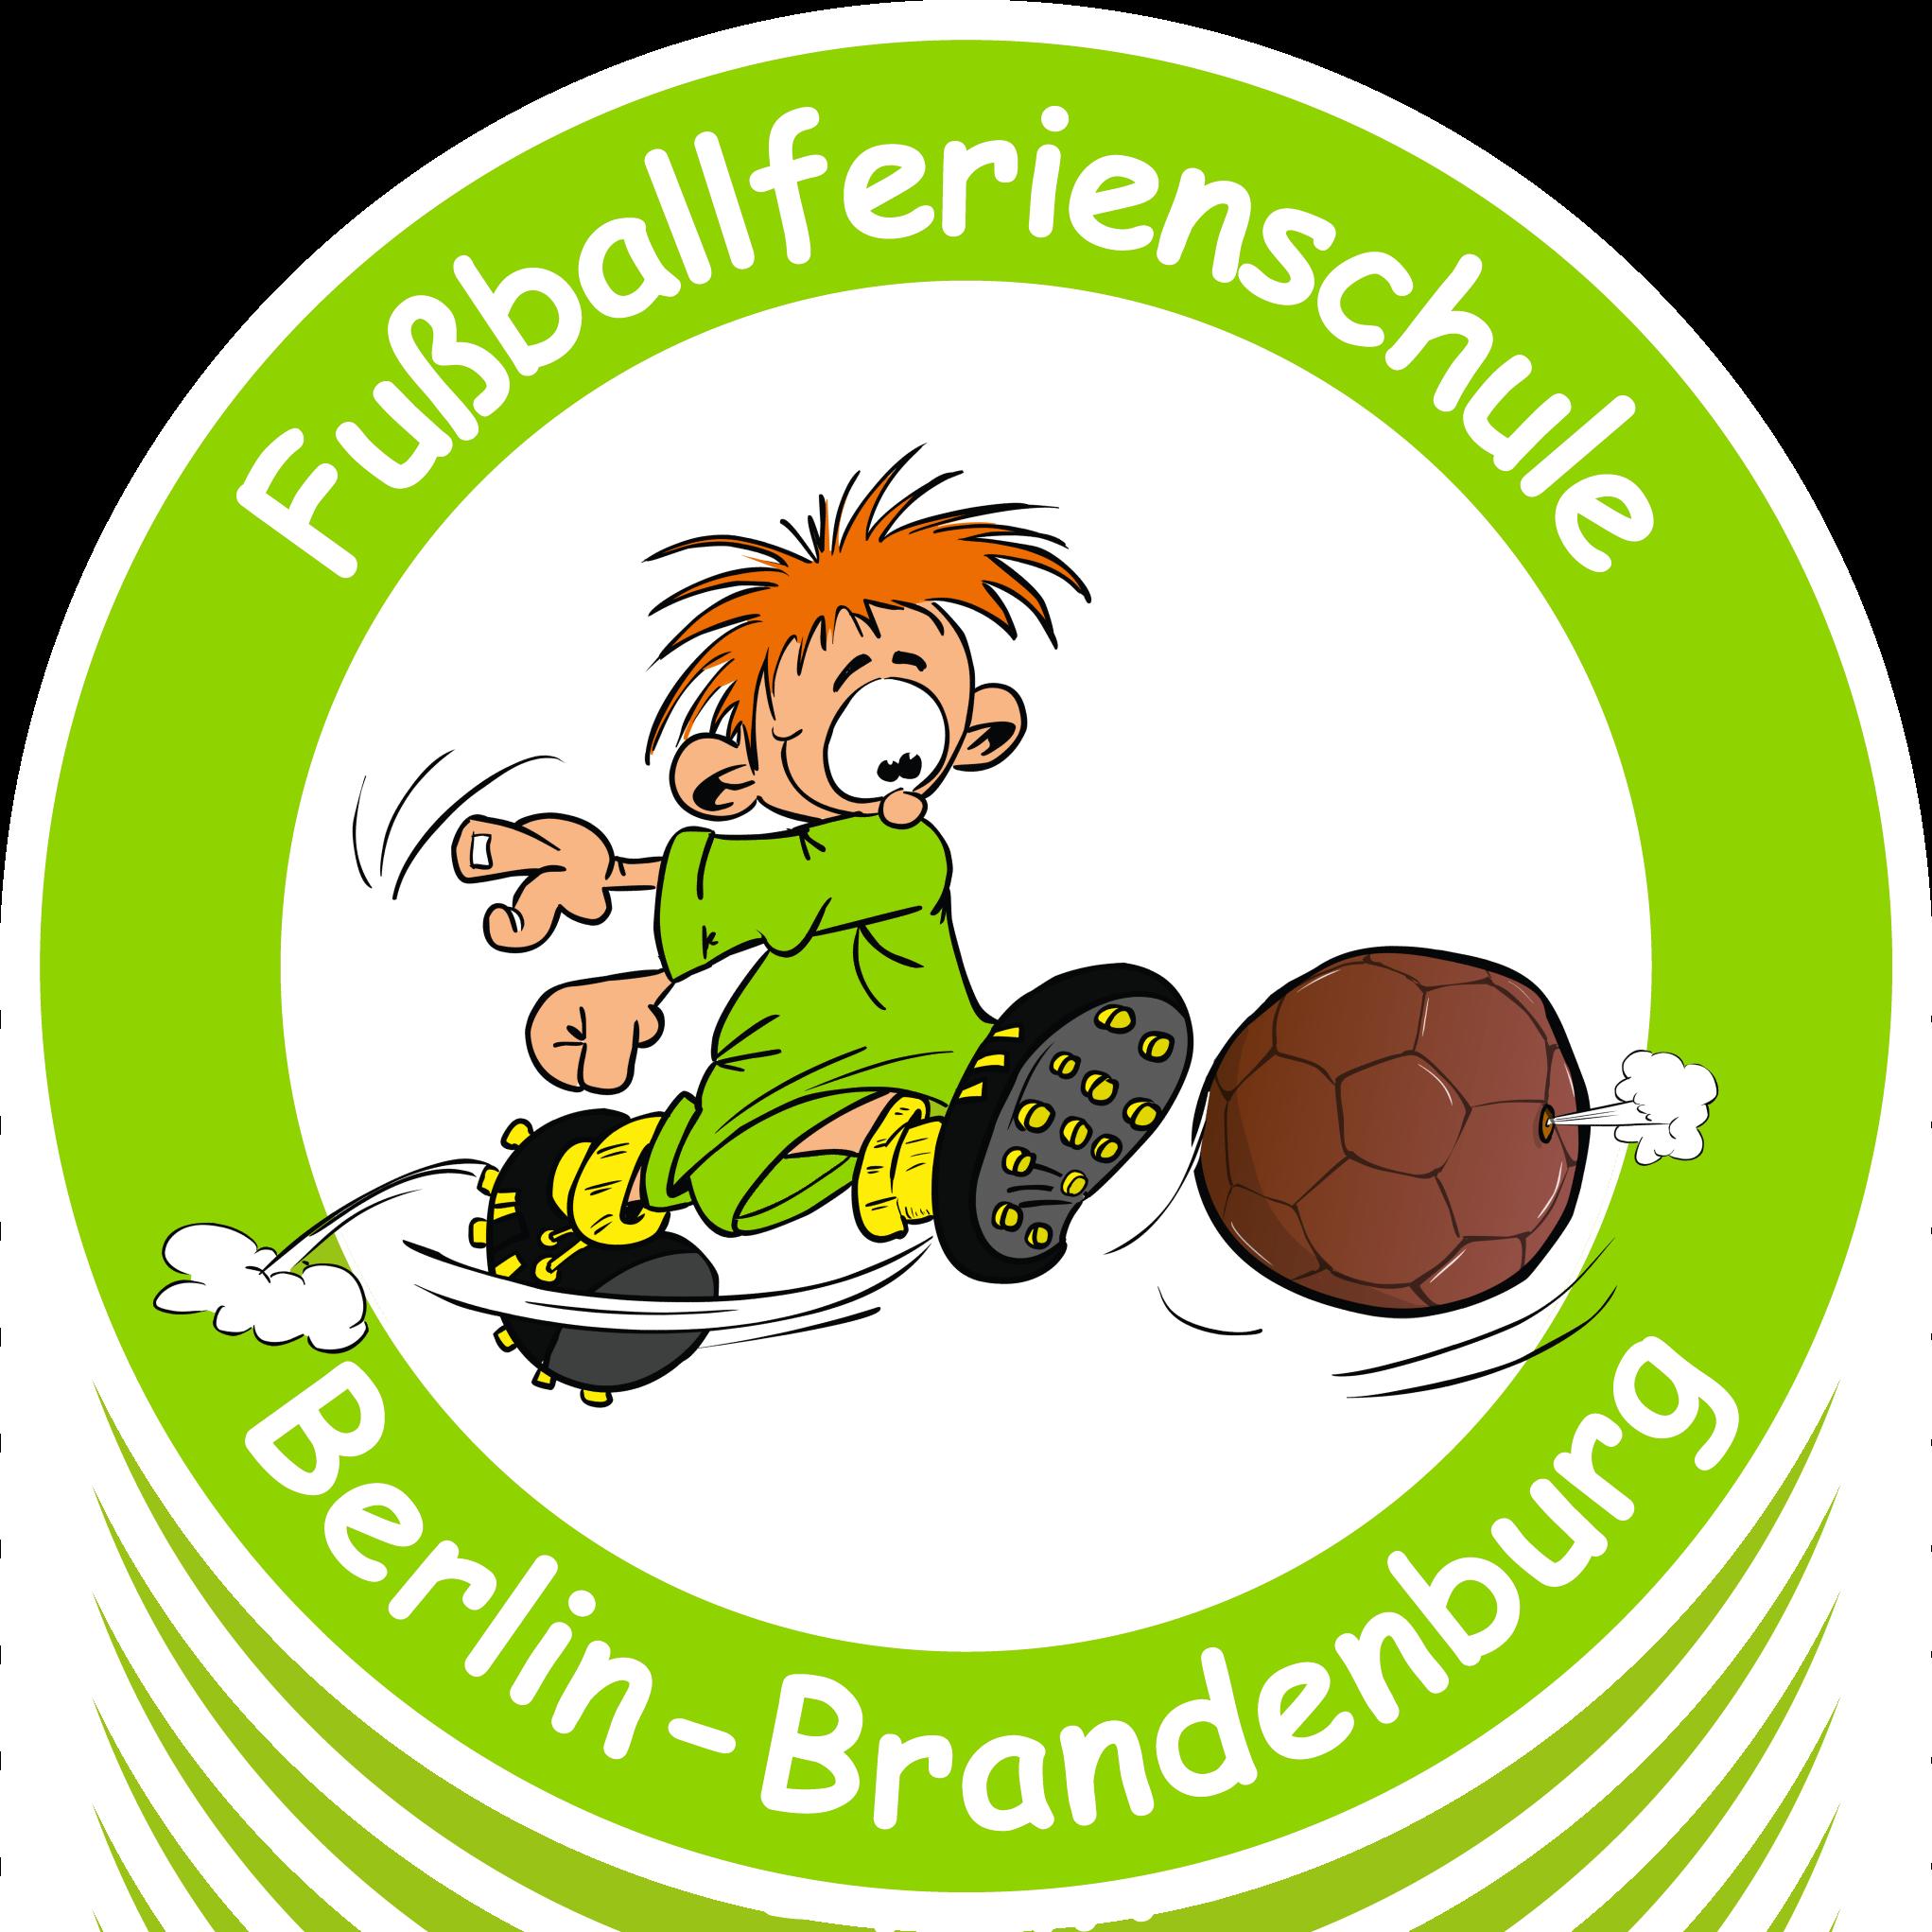 http://www.berolinamitte.de/File/Fussballferienschule_Logo.png